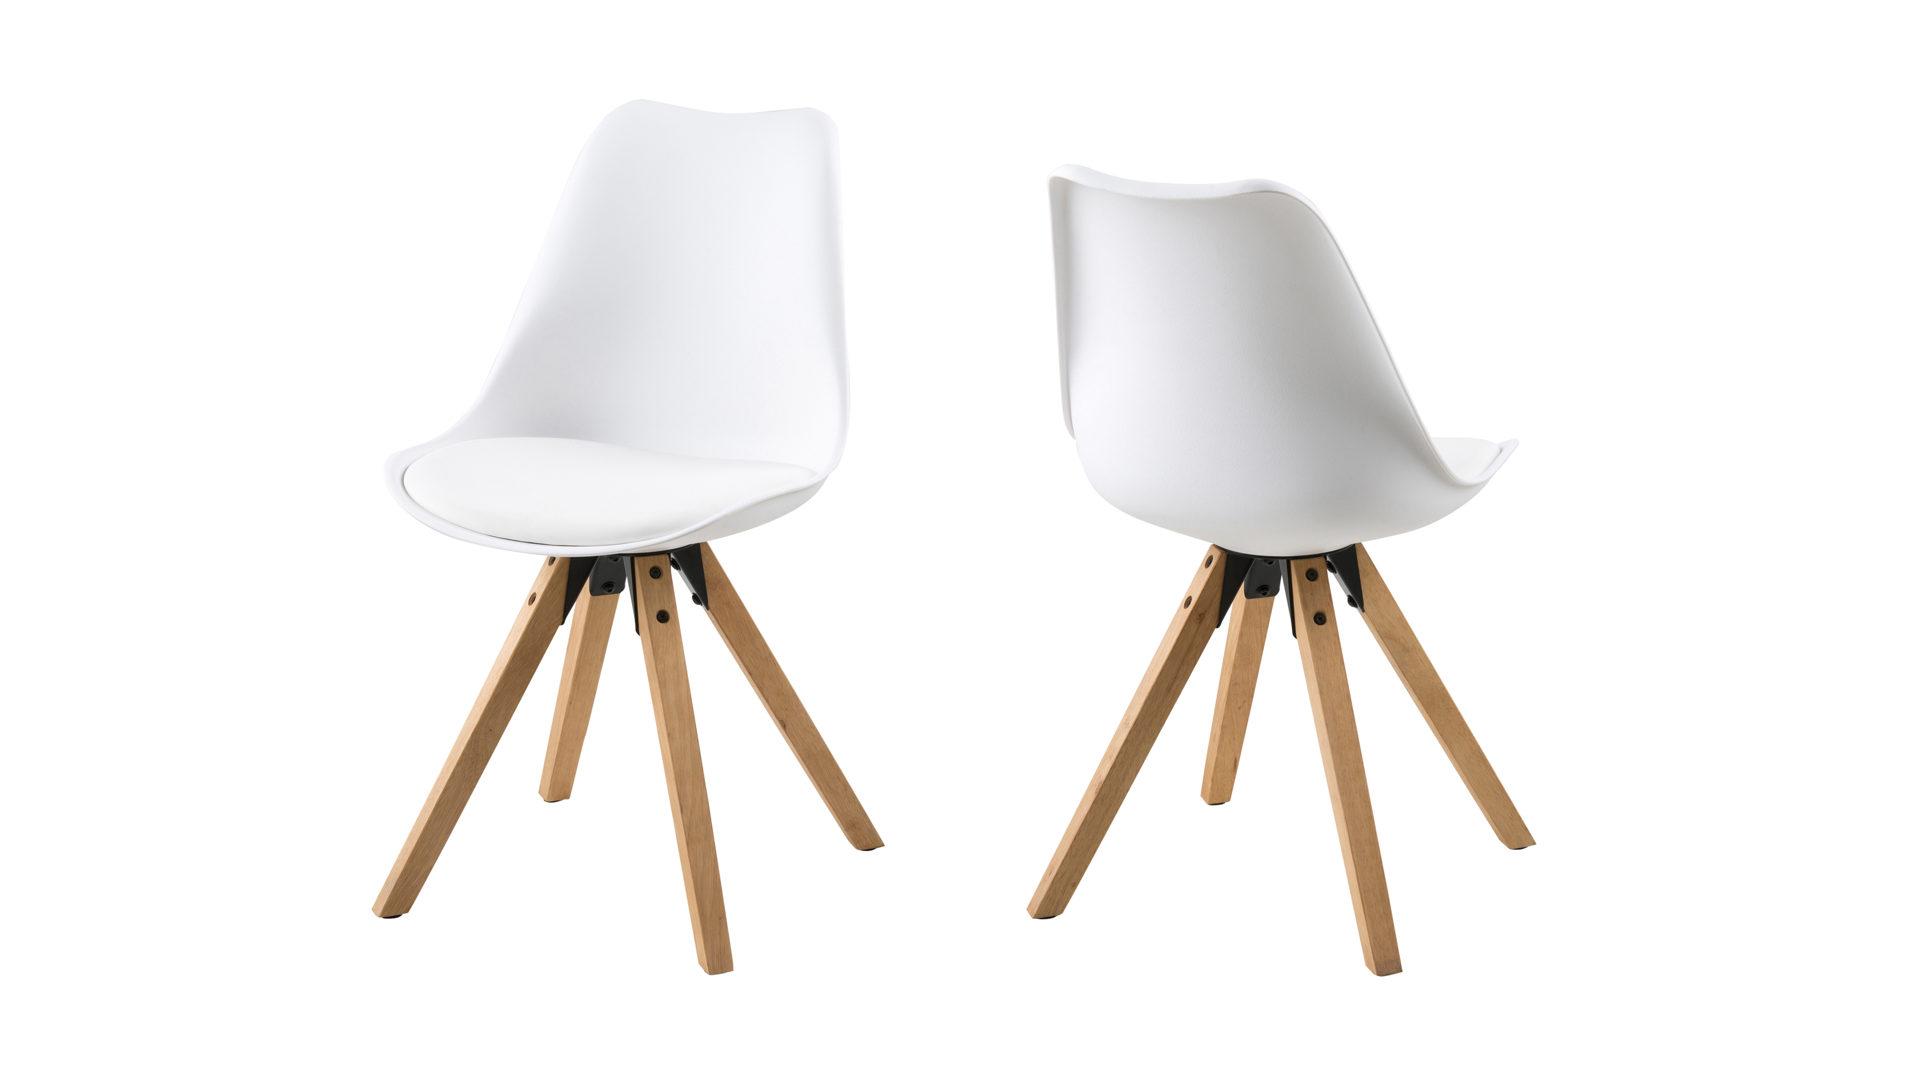 möbel brameyer , möbel a-z, stühle + bänke, esszimmerstühle, stuhl